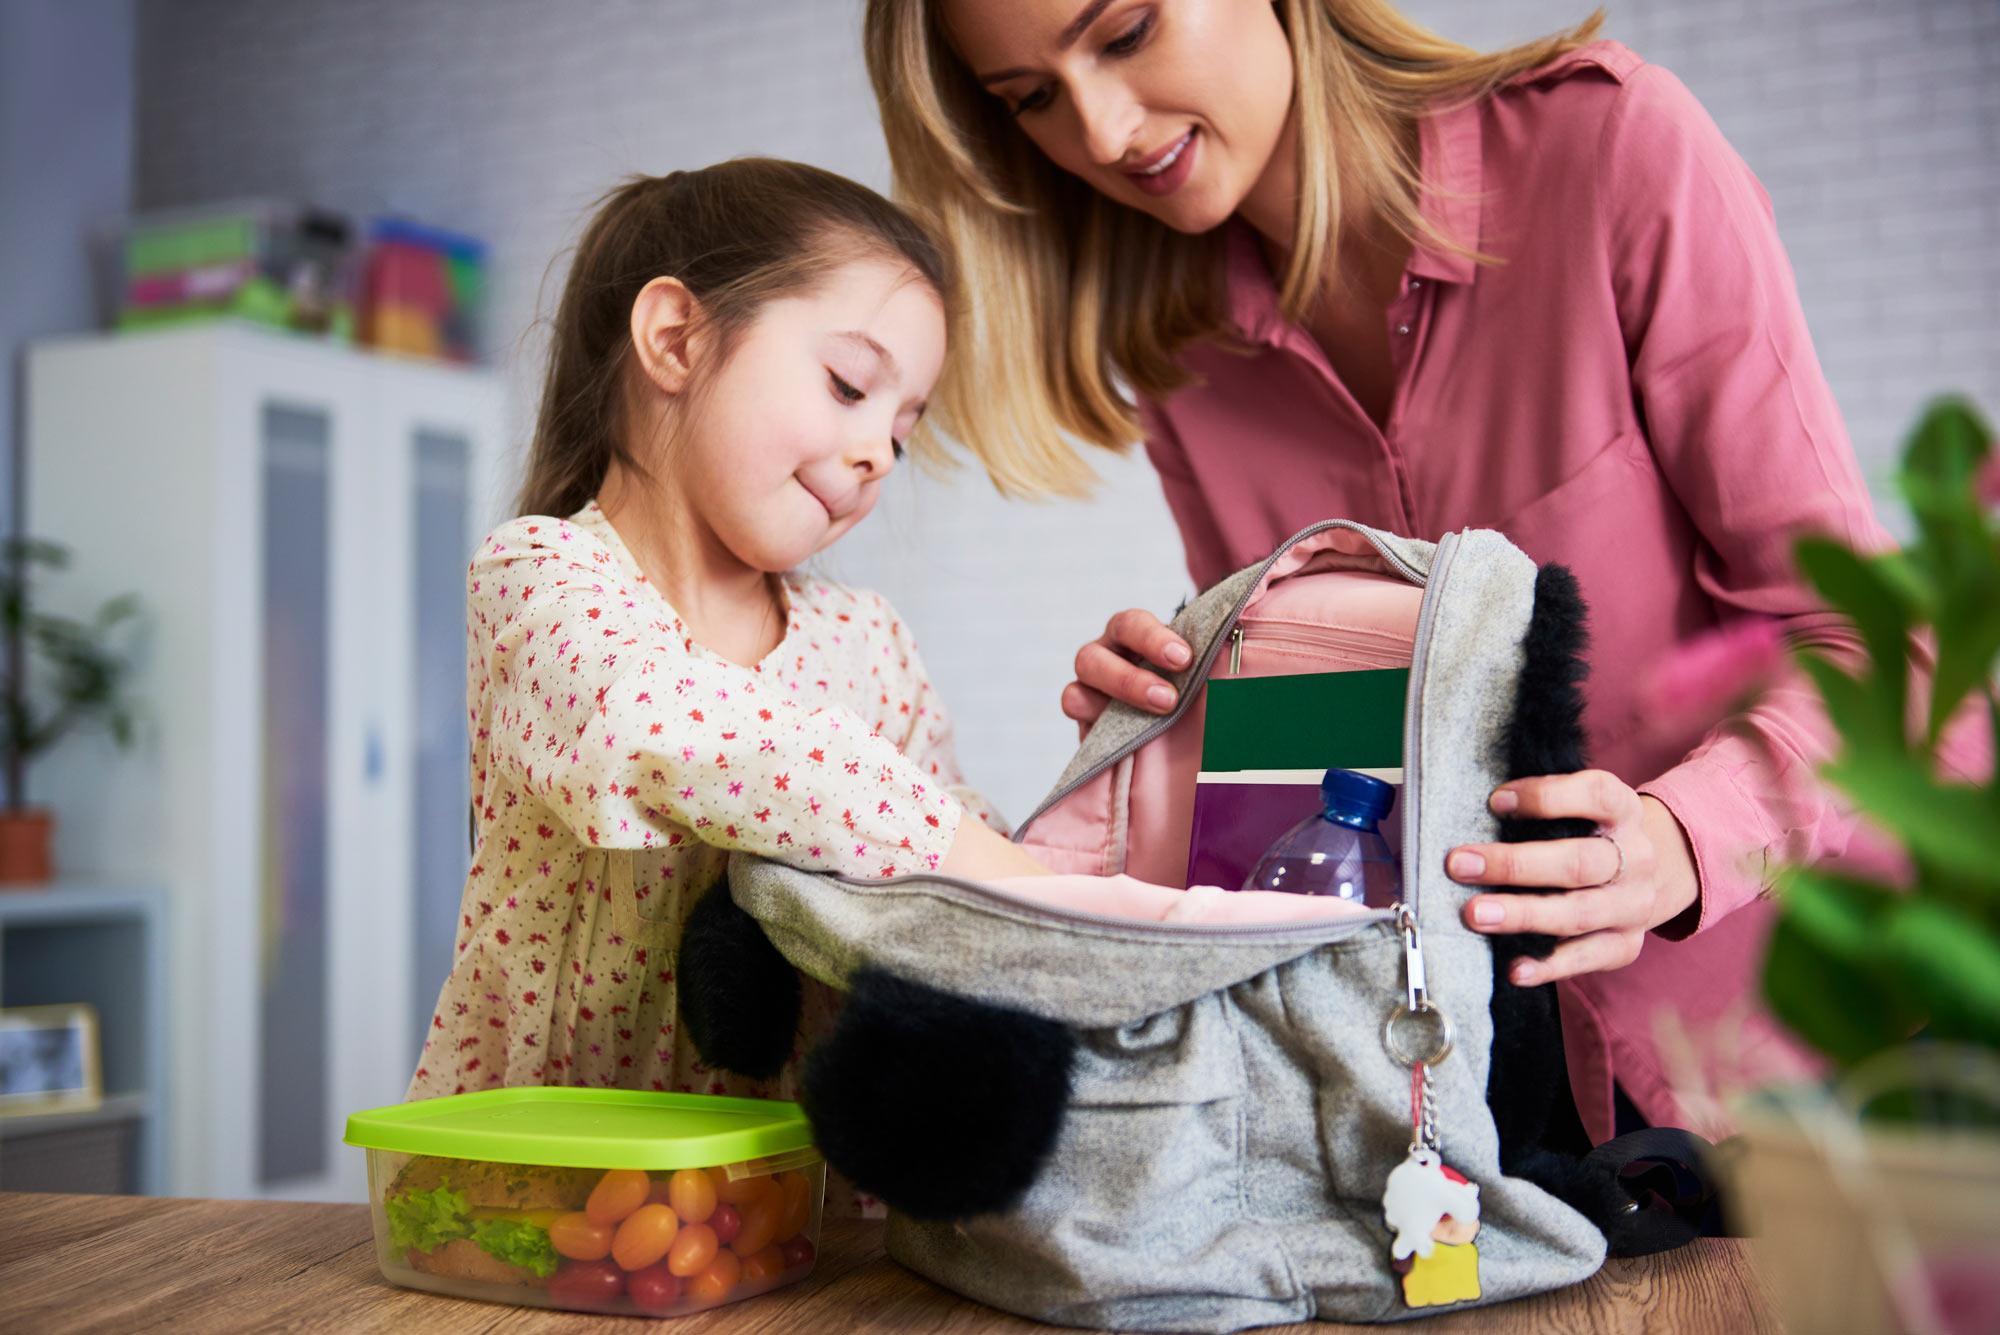 Ensimmäisen koulupäivän muistilista – miten lääkkeet mukaan kouluun?